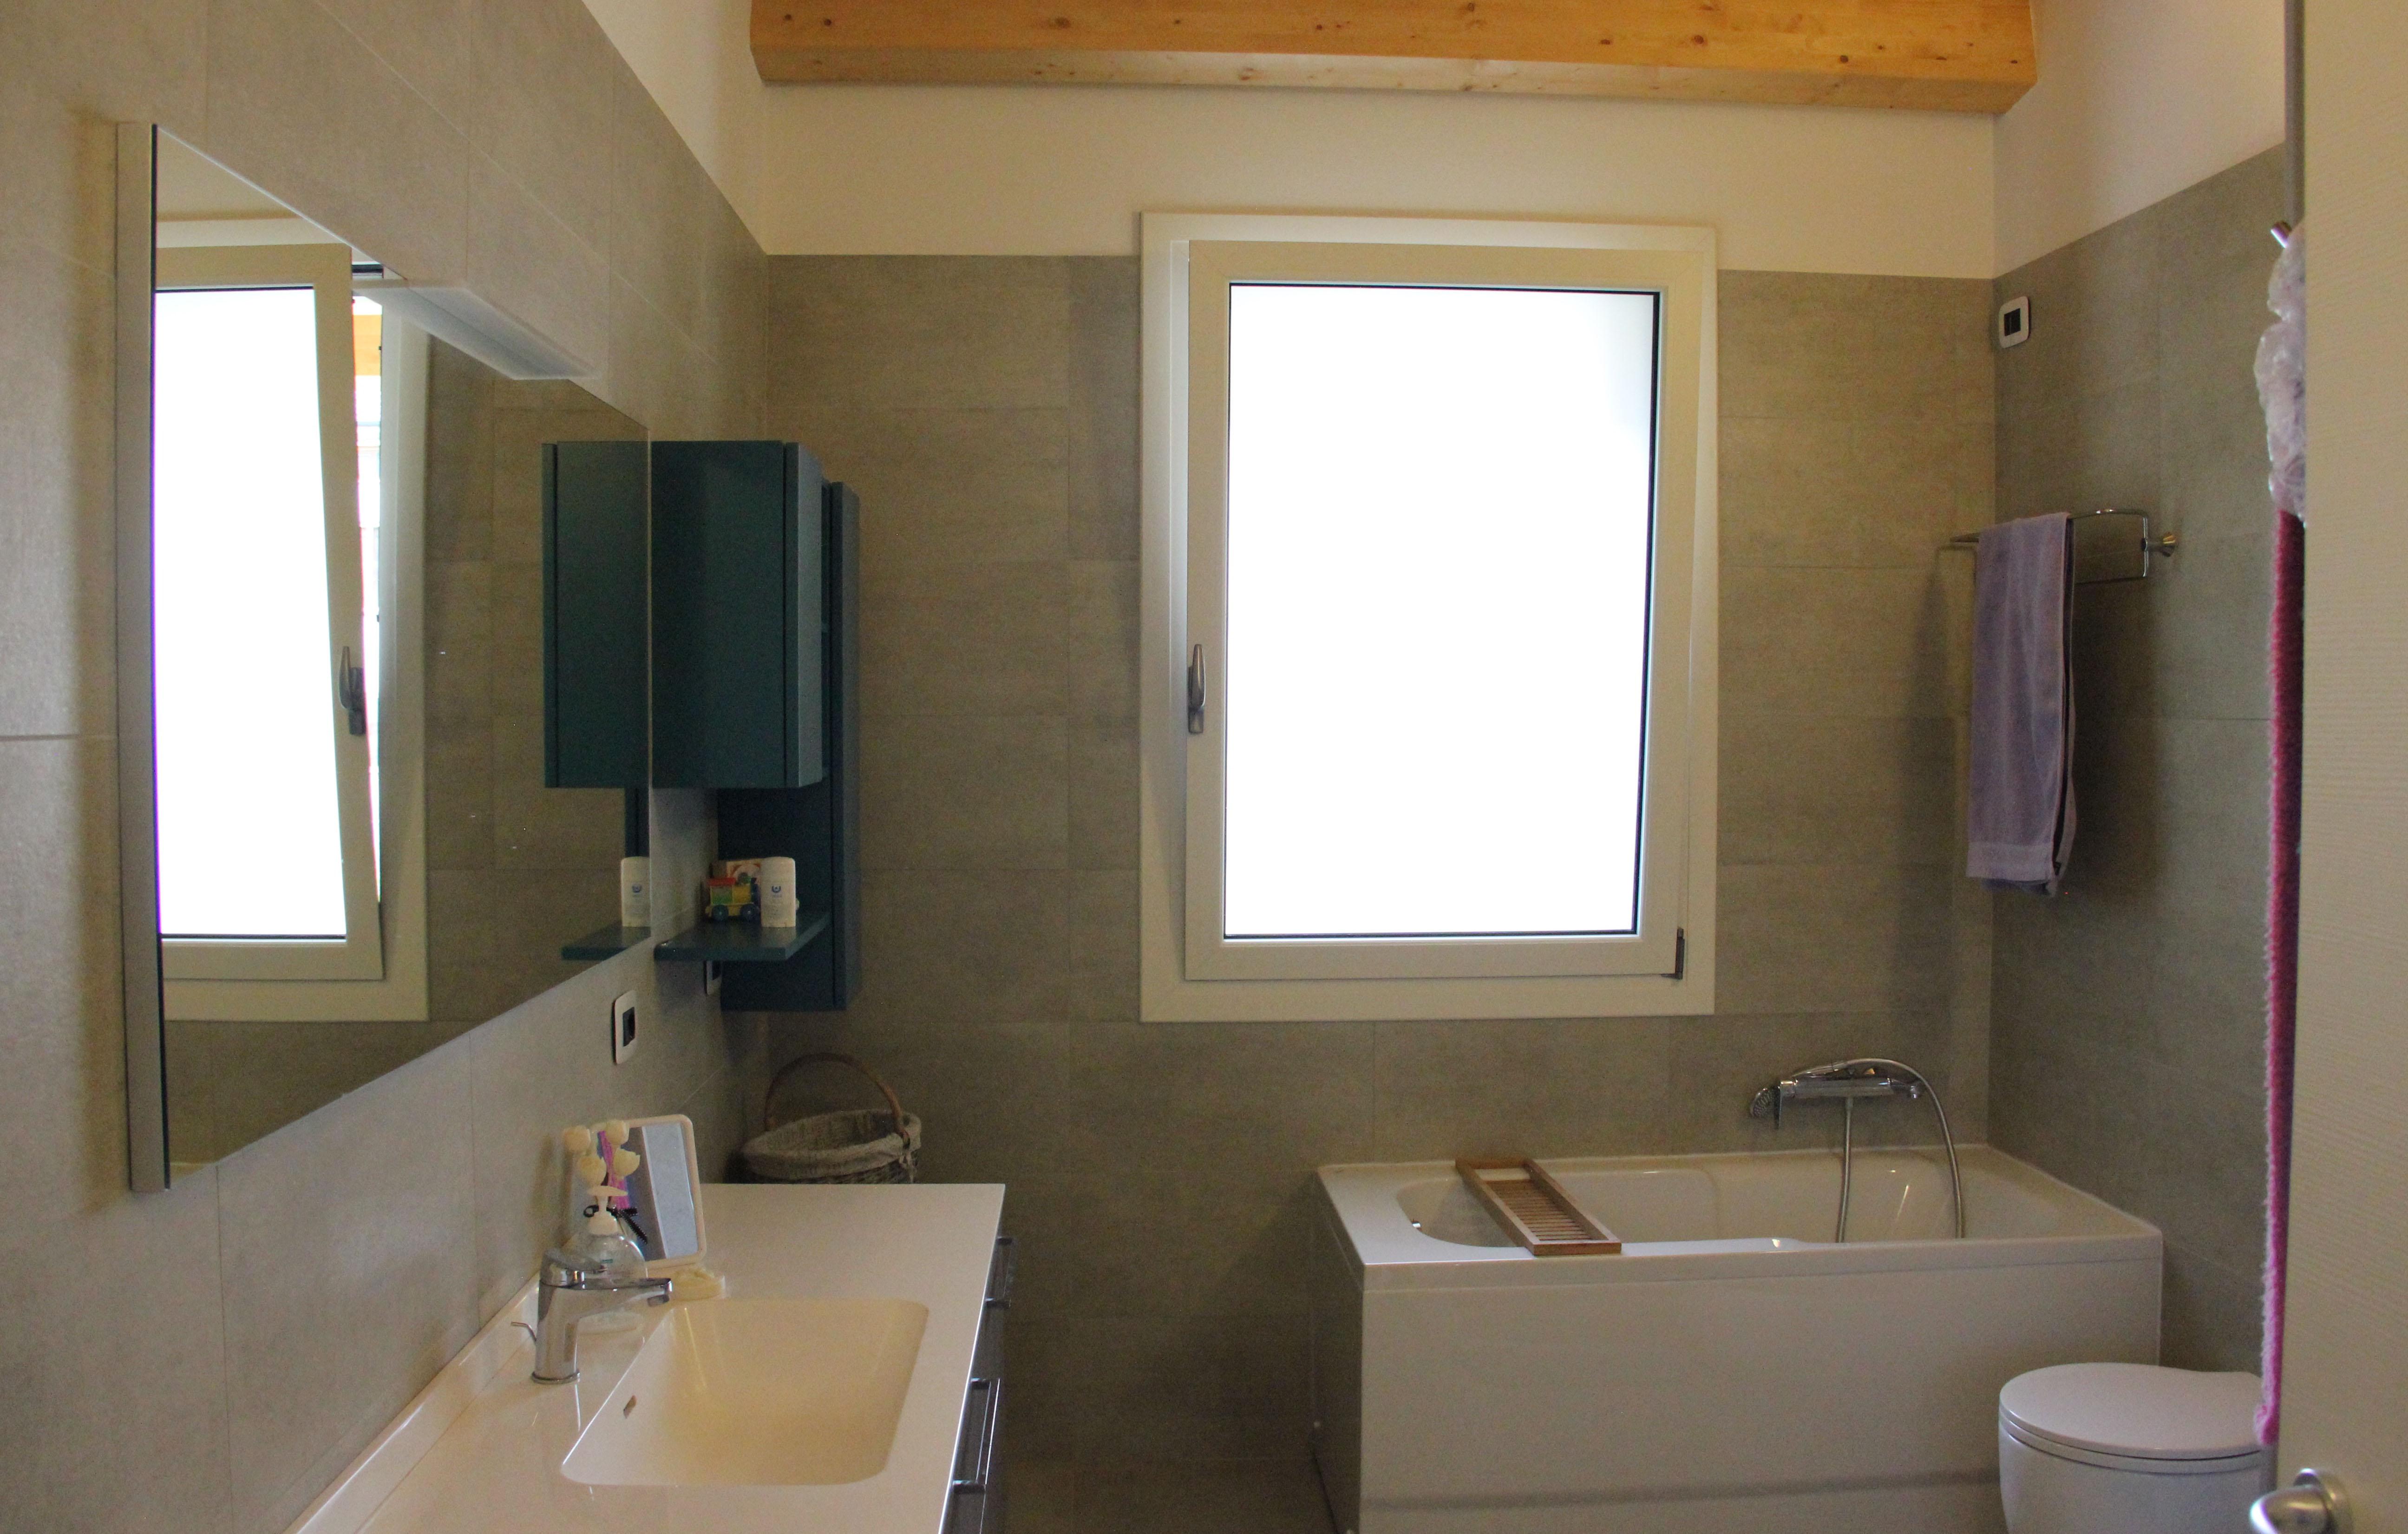 Finestre e serramenti in alluminio installazione del modello nc 90 sth hes pobbe serramenti e - Serramenti e finestre ...